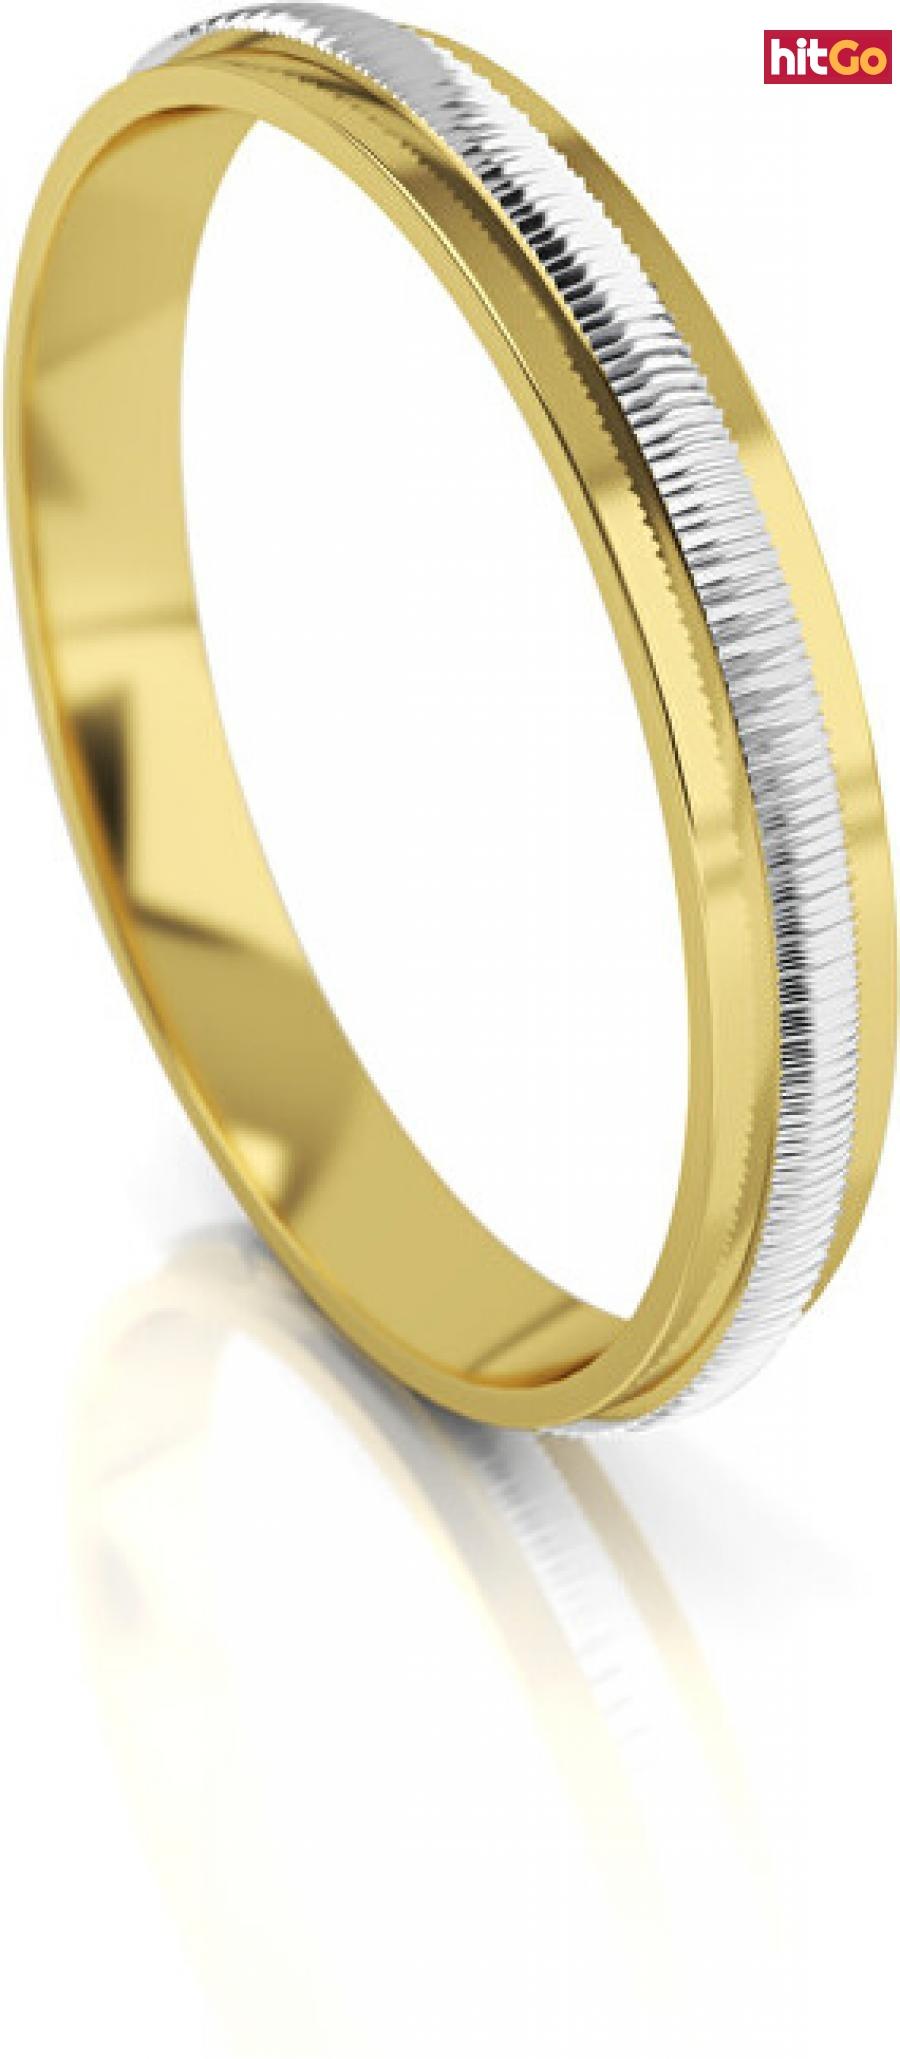 Art Diamond Pánský bicolor snubní prsten ze zlata AUG328 66 mm pánské